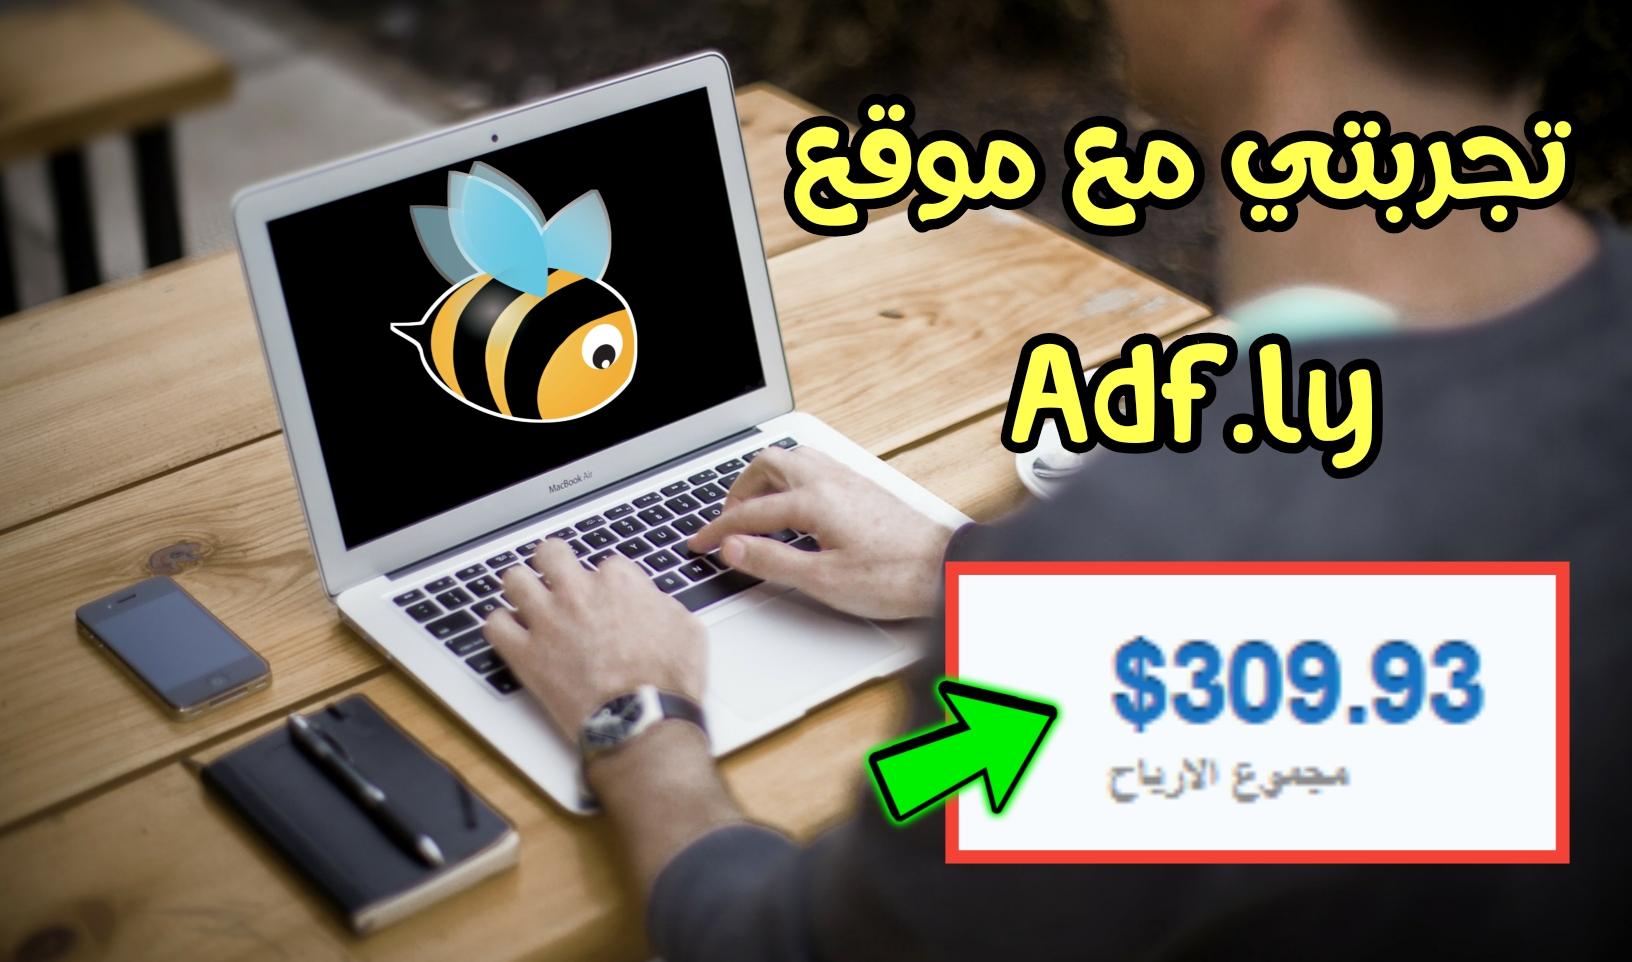 كيف ربحت 300 دولار من موقع adf.ly